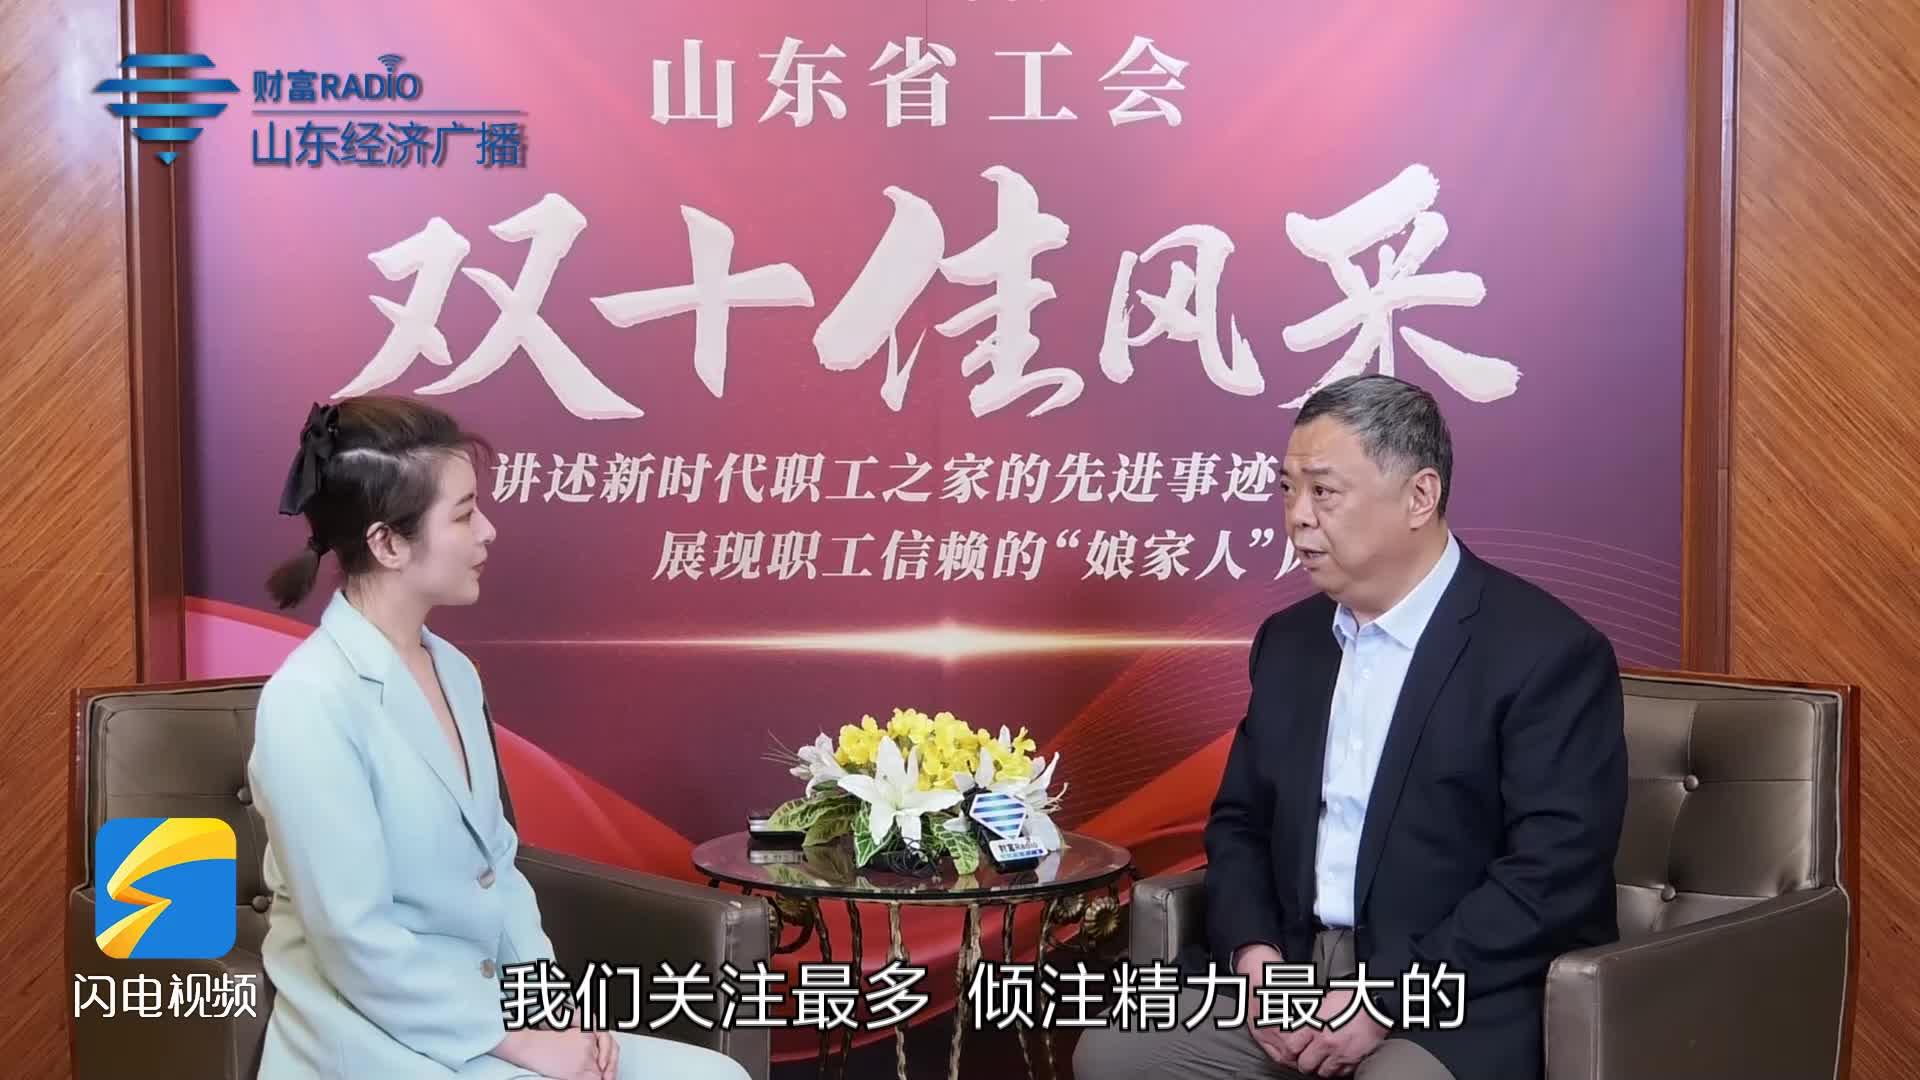 山东能源淄矿集团工会主席季海波:四个联建促发展,做好职工娘家人